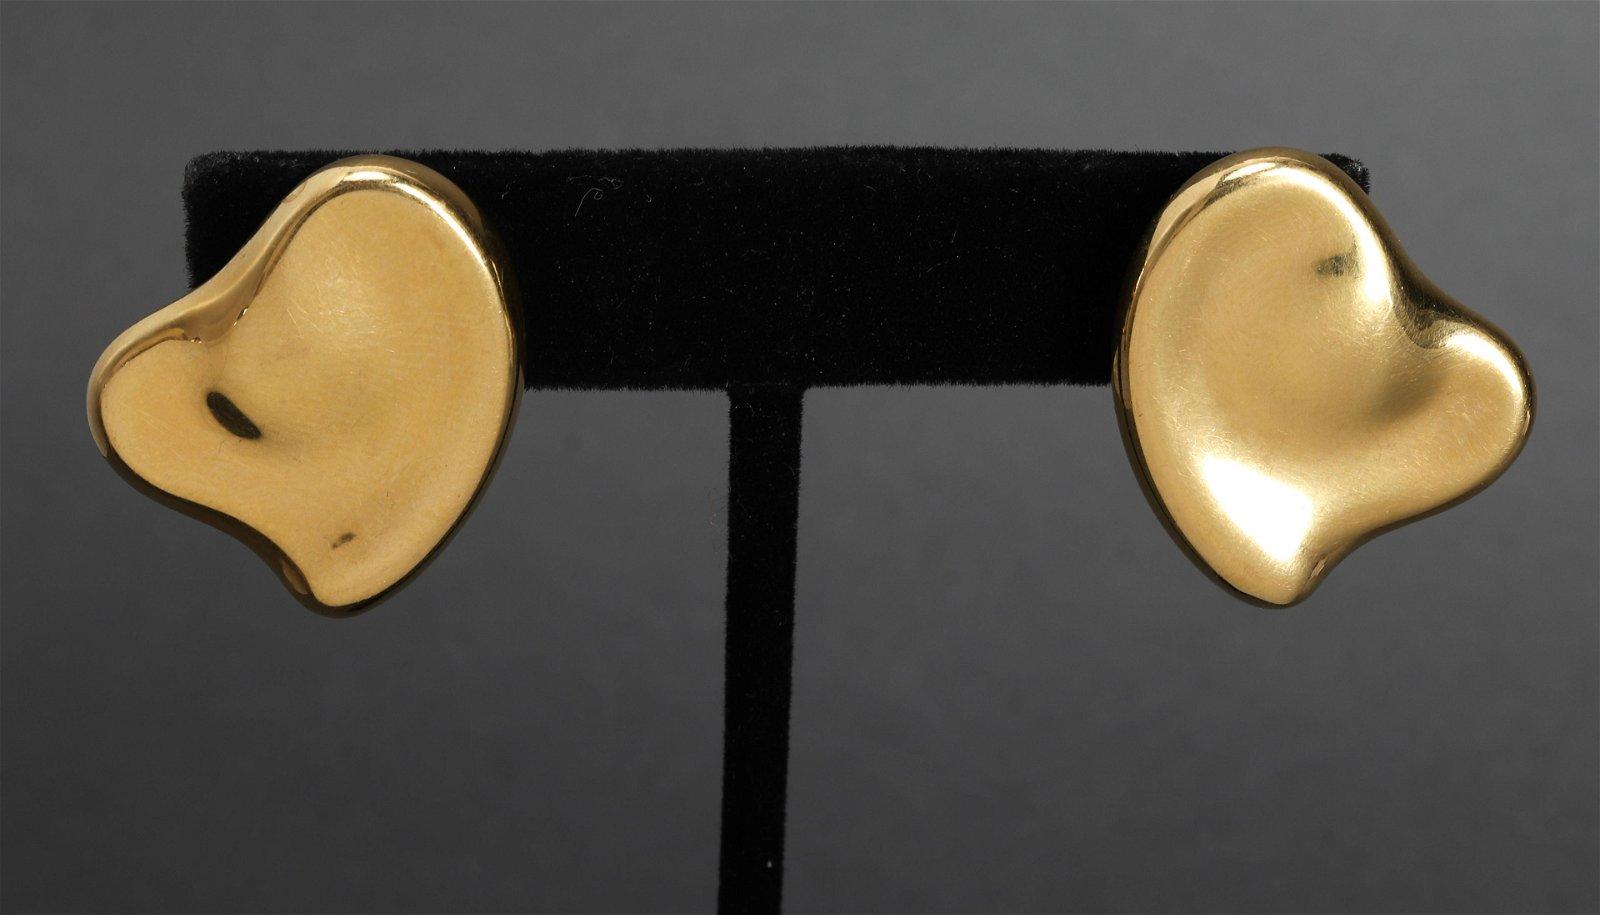 Tiffany & Co 18K Yellow Gold Heart Earrings